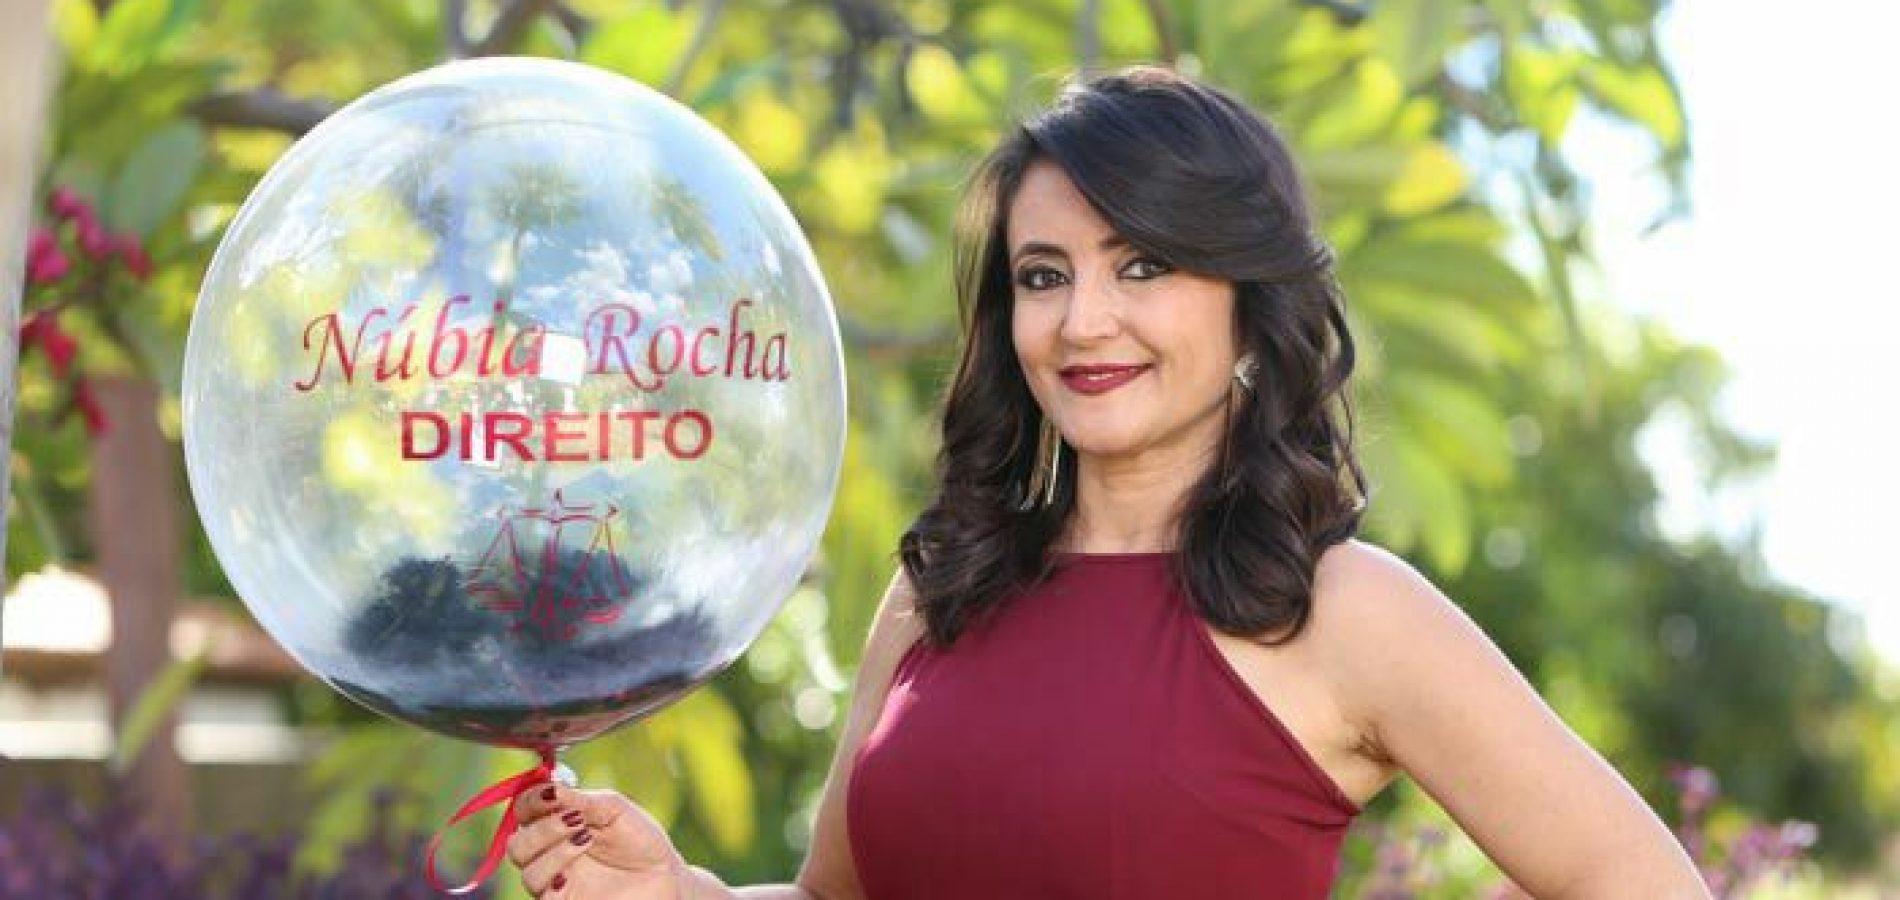 VILA NOVA | Professora Núbia Rocha é aprovada na OAB e comemora conquista com familiares e amigos